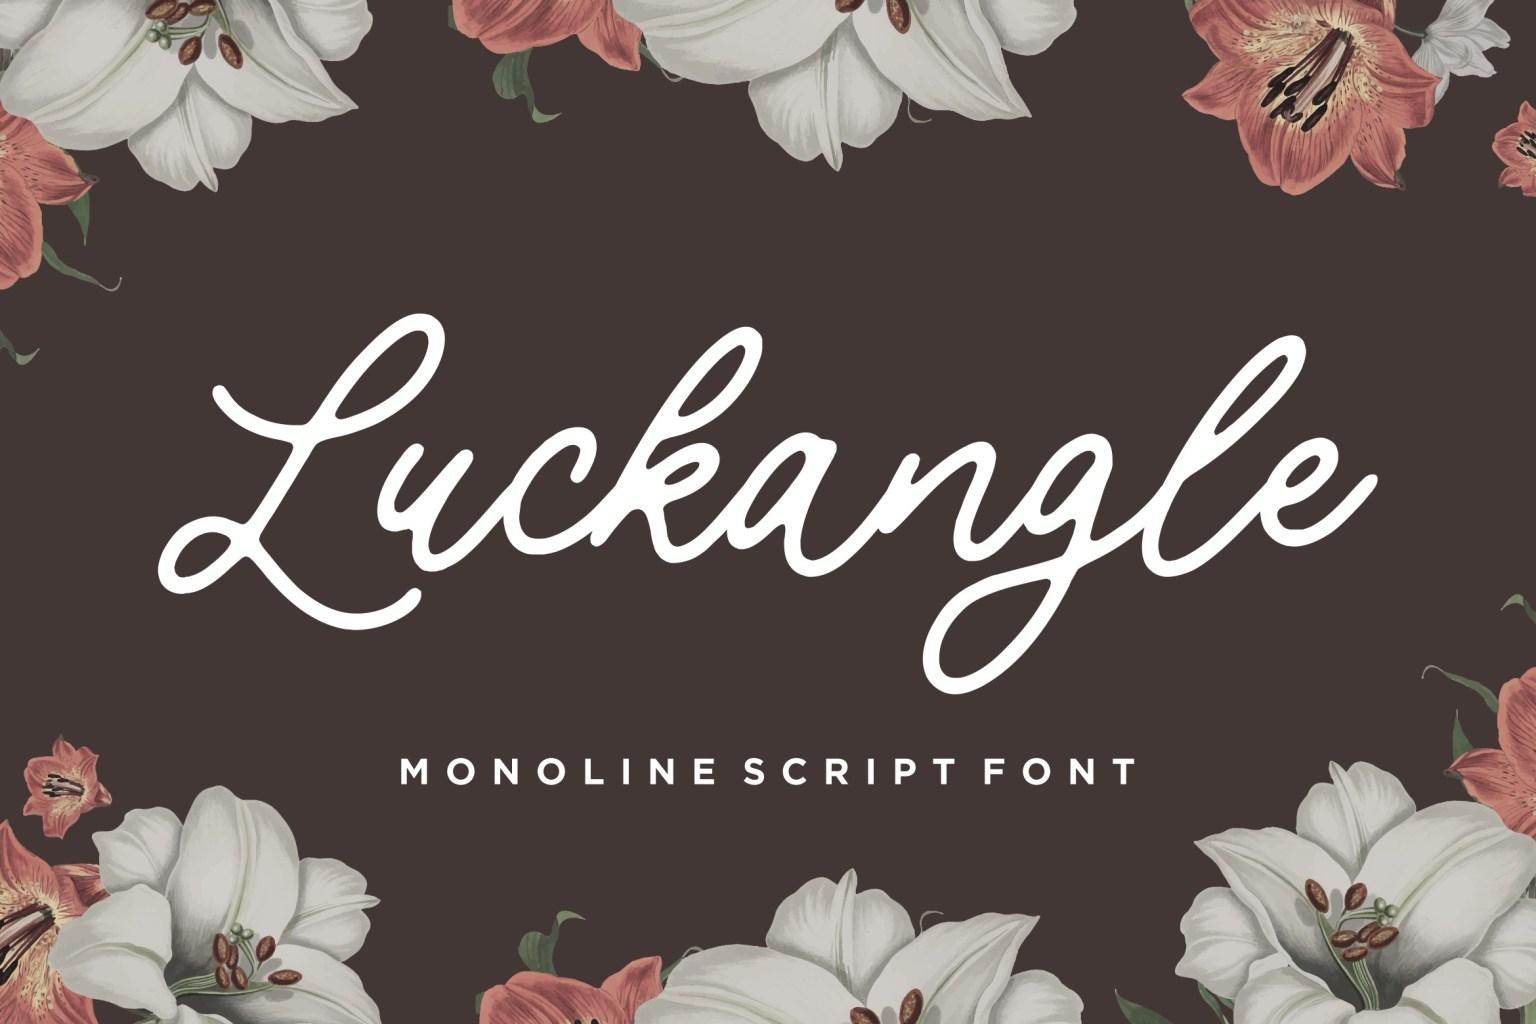 Luckangle Script Font